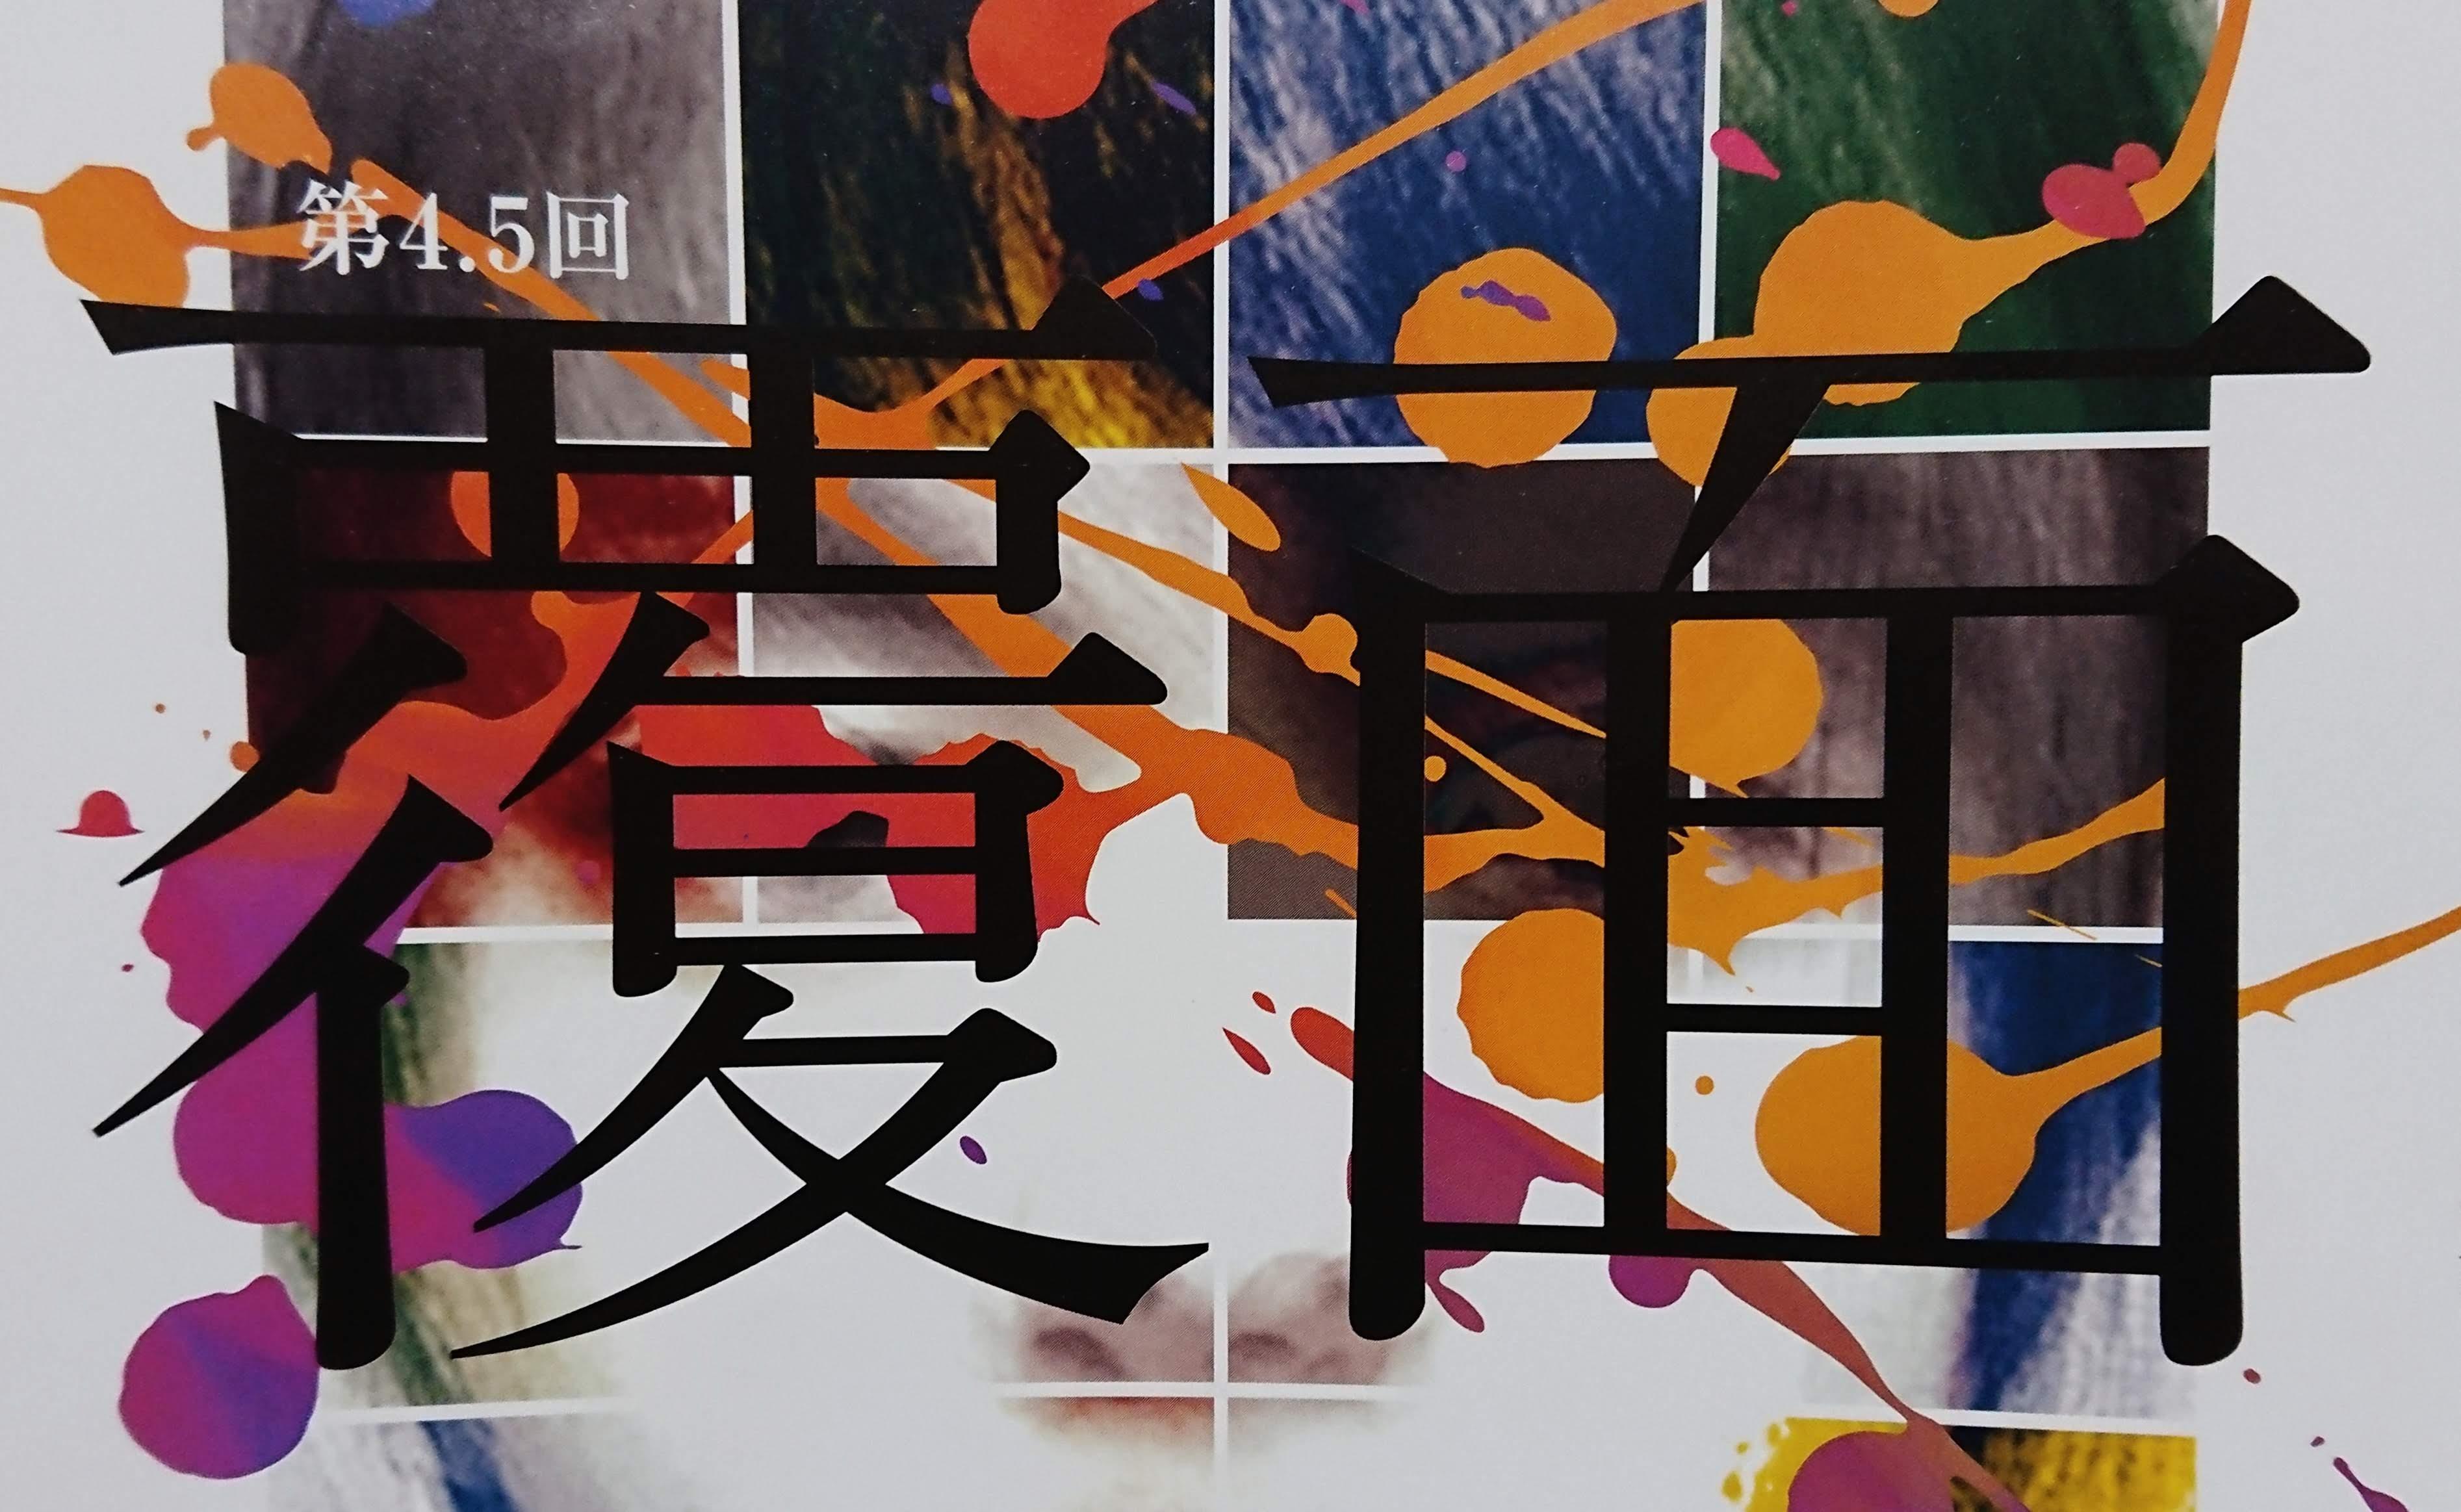 【ネタバレ注意】舞台「覆面」-再演バージョン-を観劇!